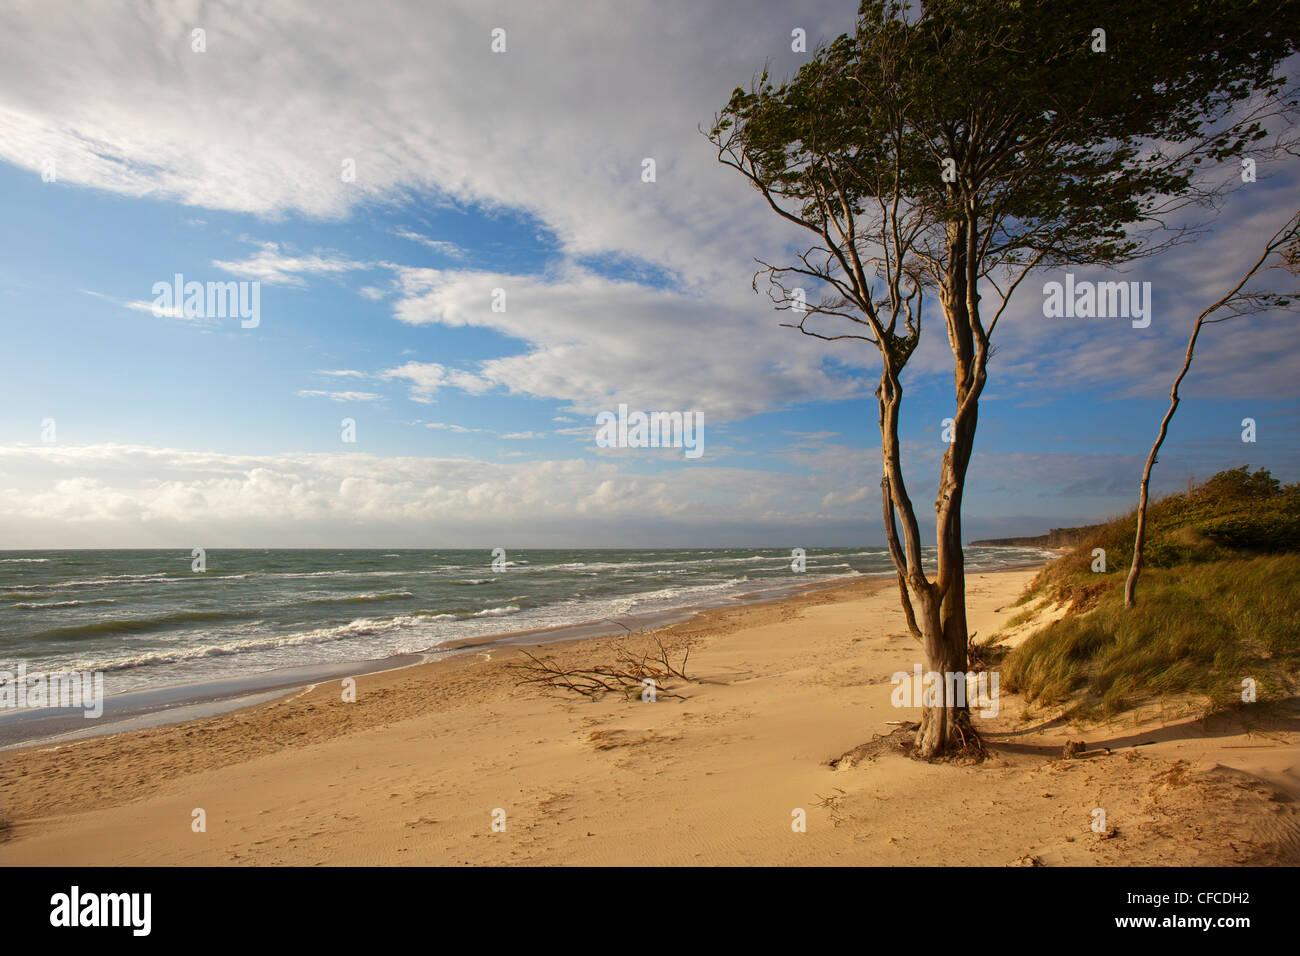 Darss à West Beach, Fischland-Darss-Zingst, mer Baltique, Schleswig-Holstein, Allemagne Banque D'Images